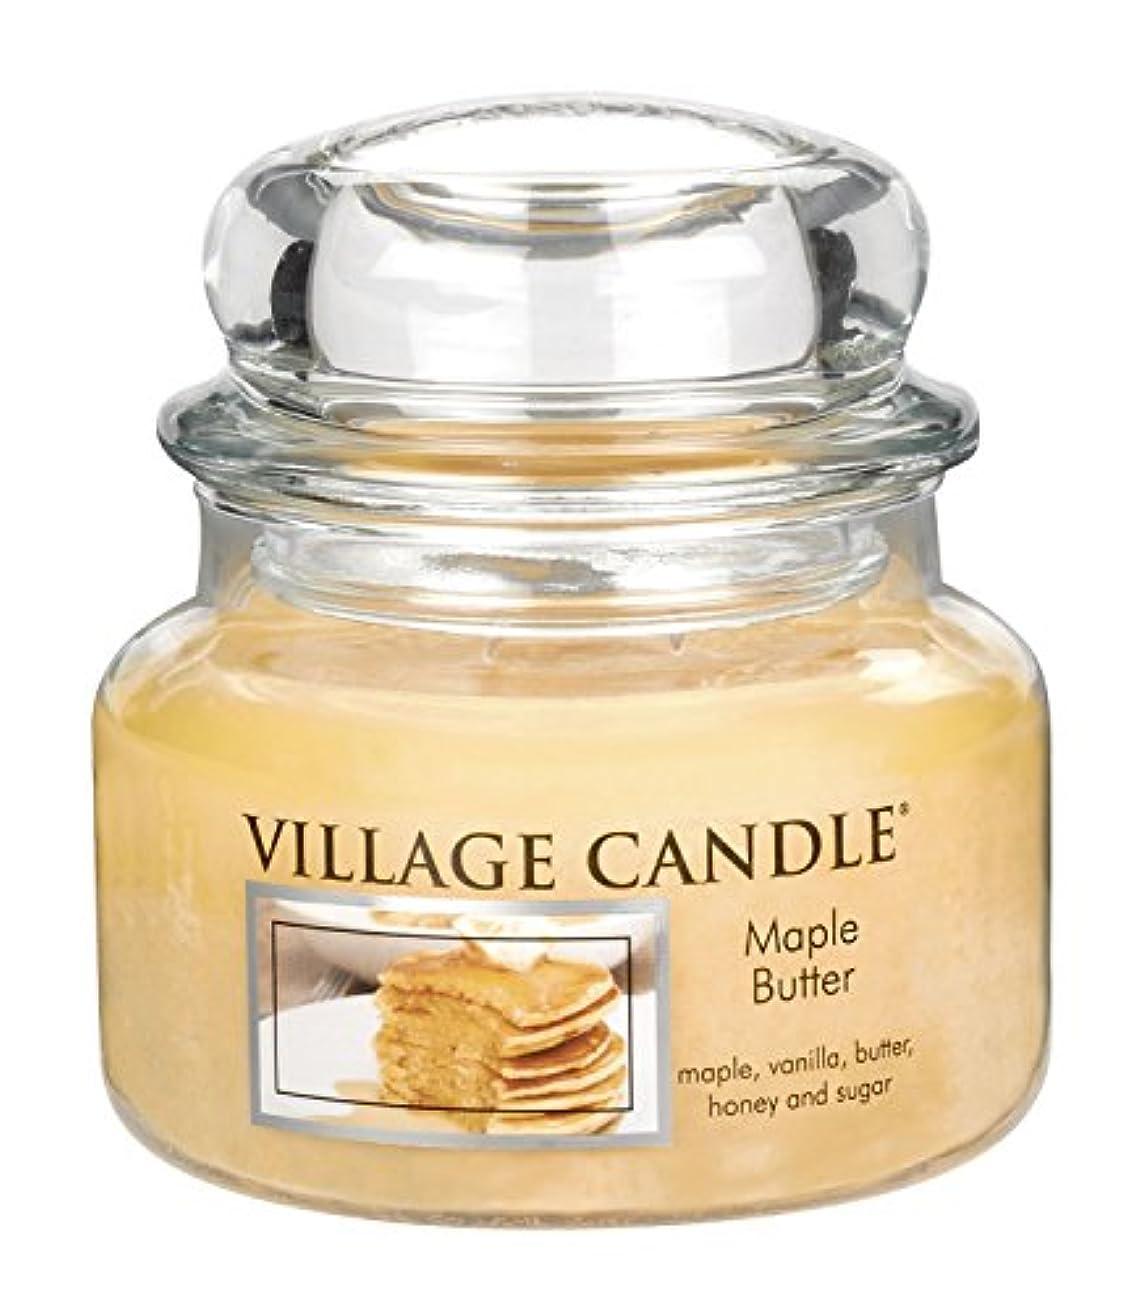 同種のトリム同種のVillage Candle Maple Butter 11 oz Glass Jar Scented Candle, Small [並行輸入品]